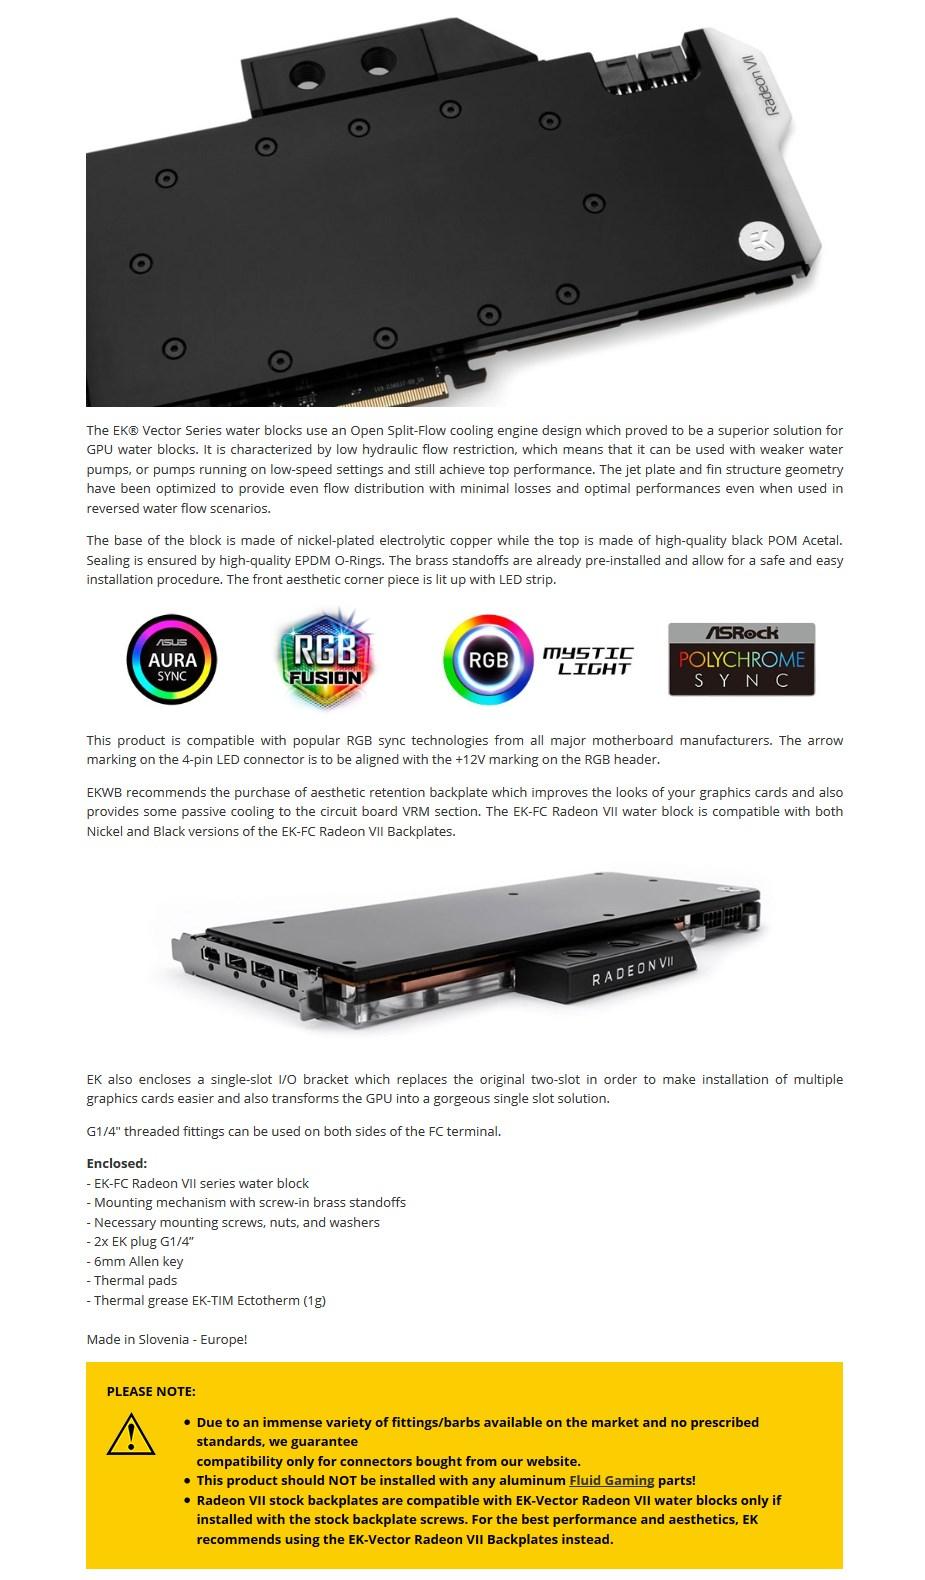 EKWB EK-Vector Radeon VII RGB - Nickel + Acetal GPU Water Block - Desktop Overview 2